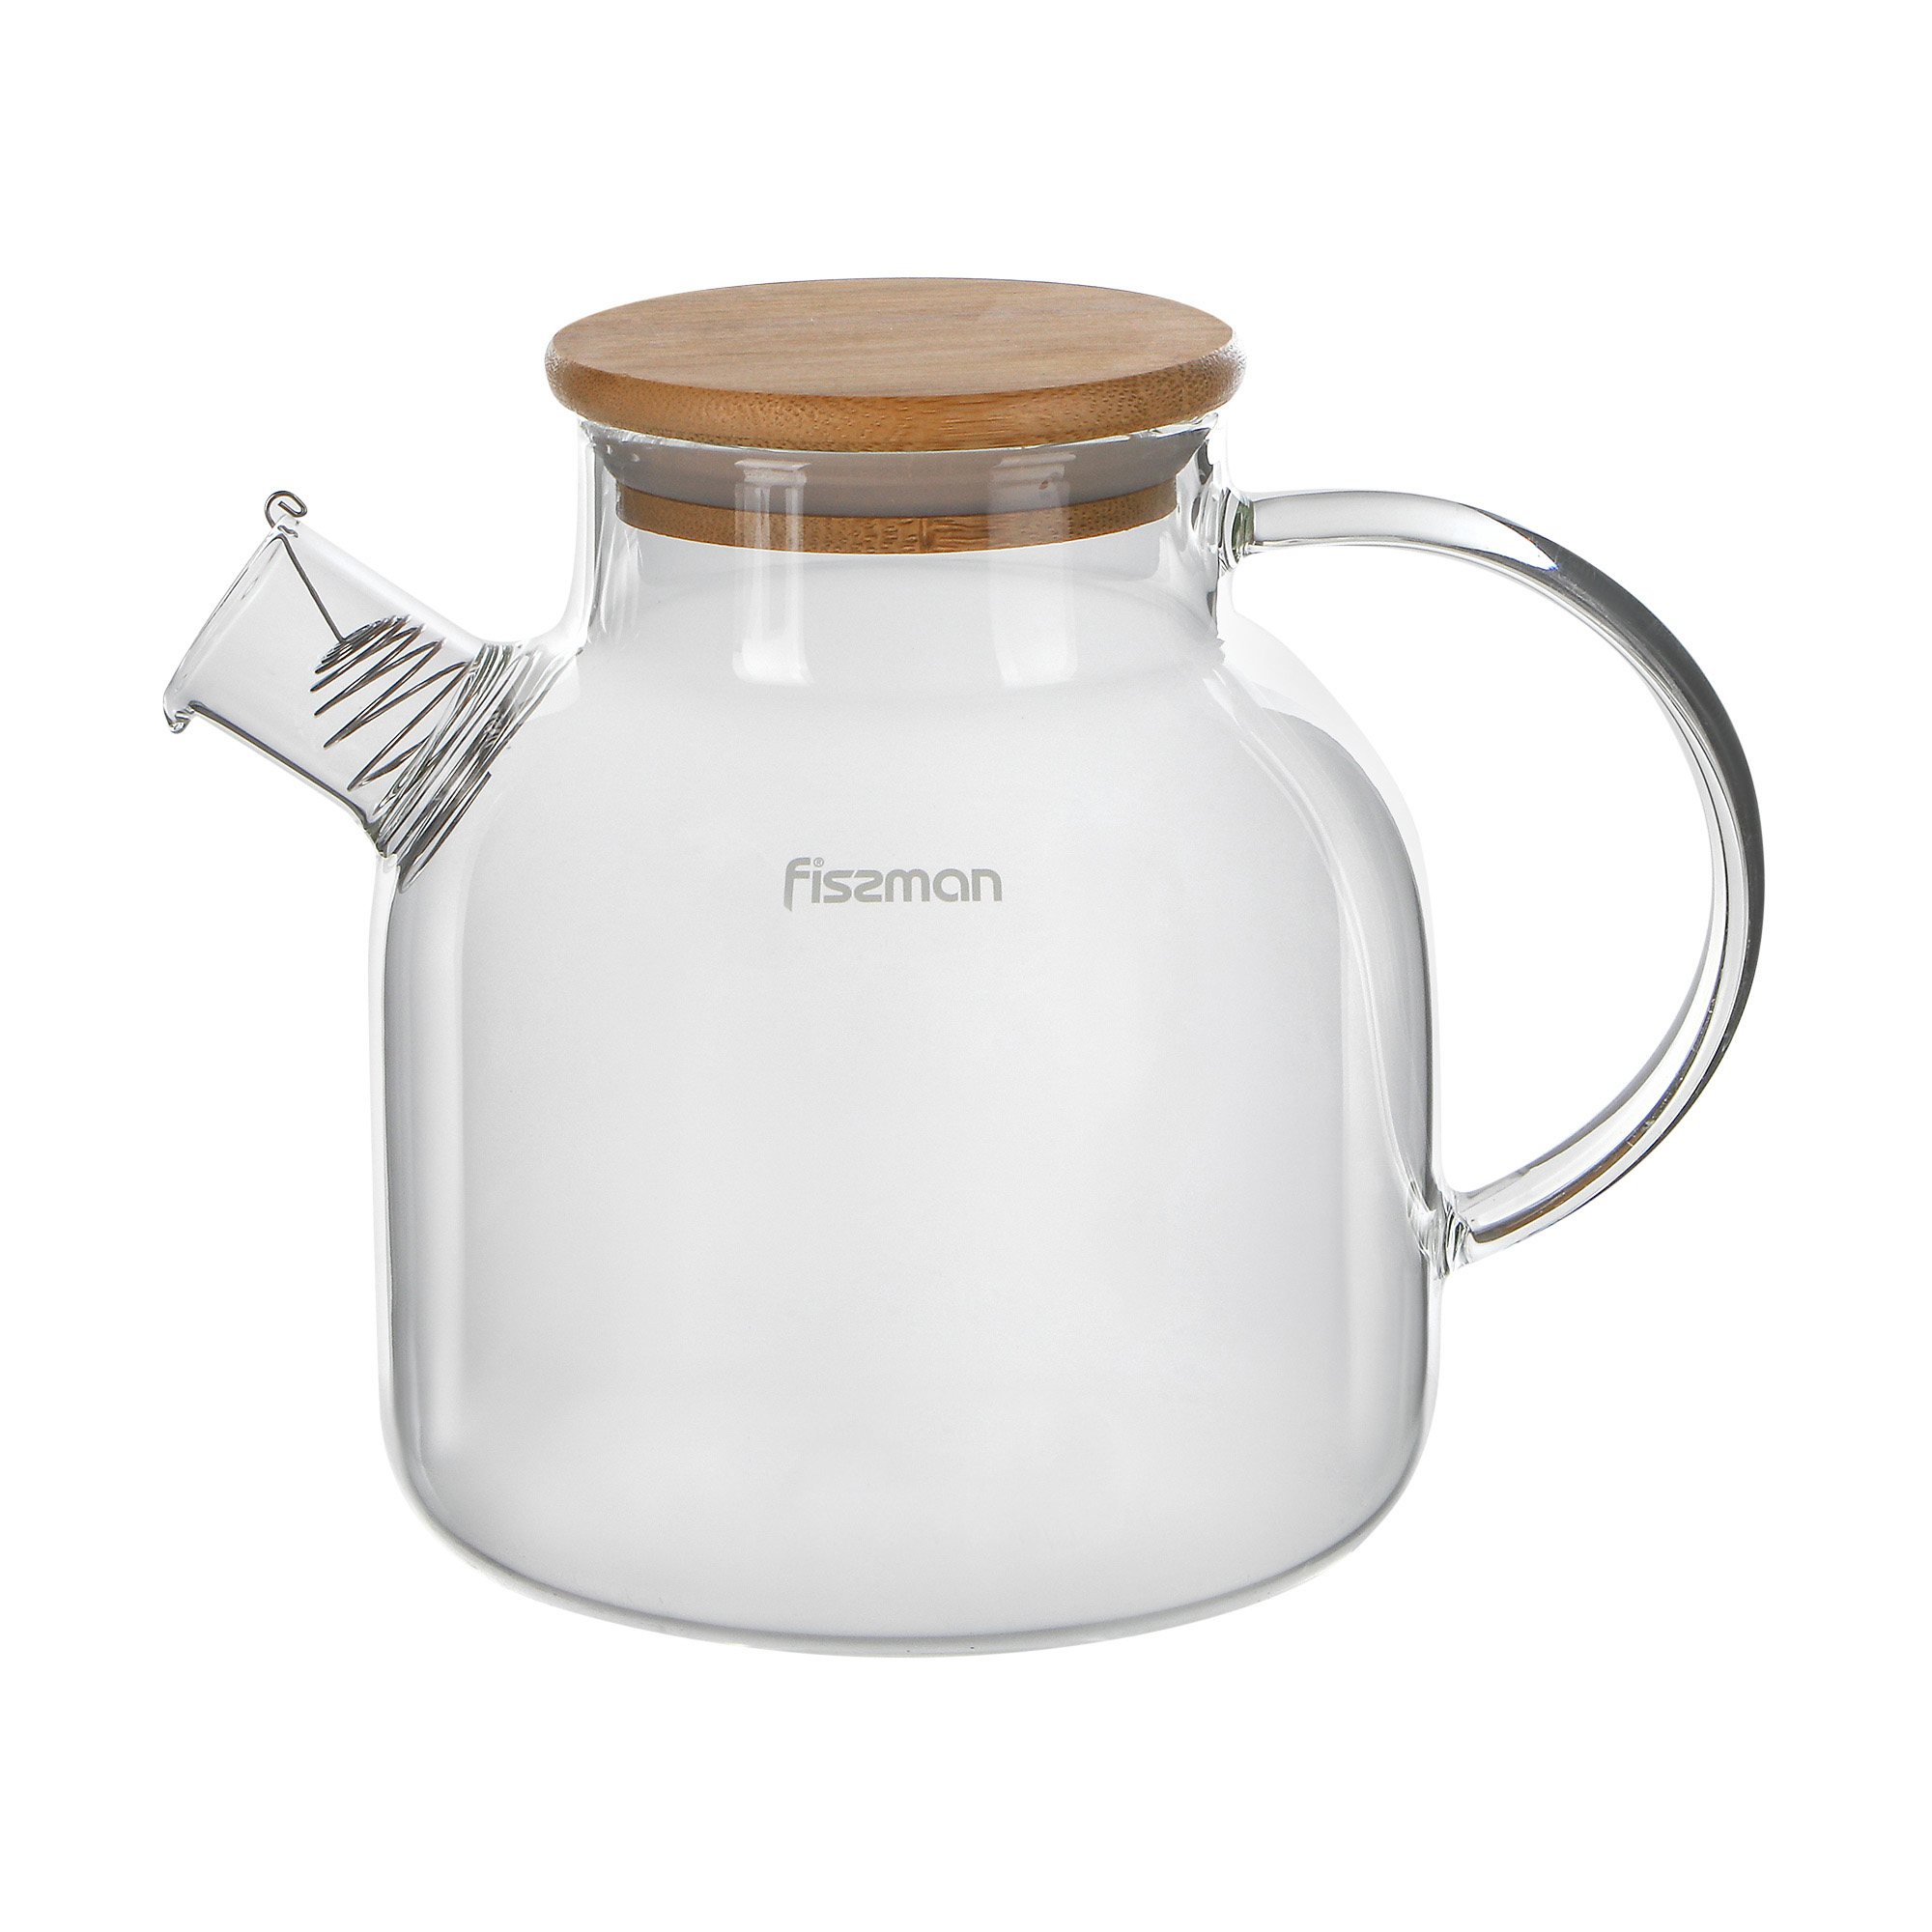 Заварочный чайник Fissman с фильтром 1,2 л фото